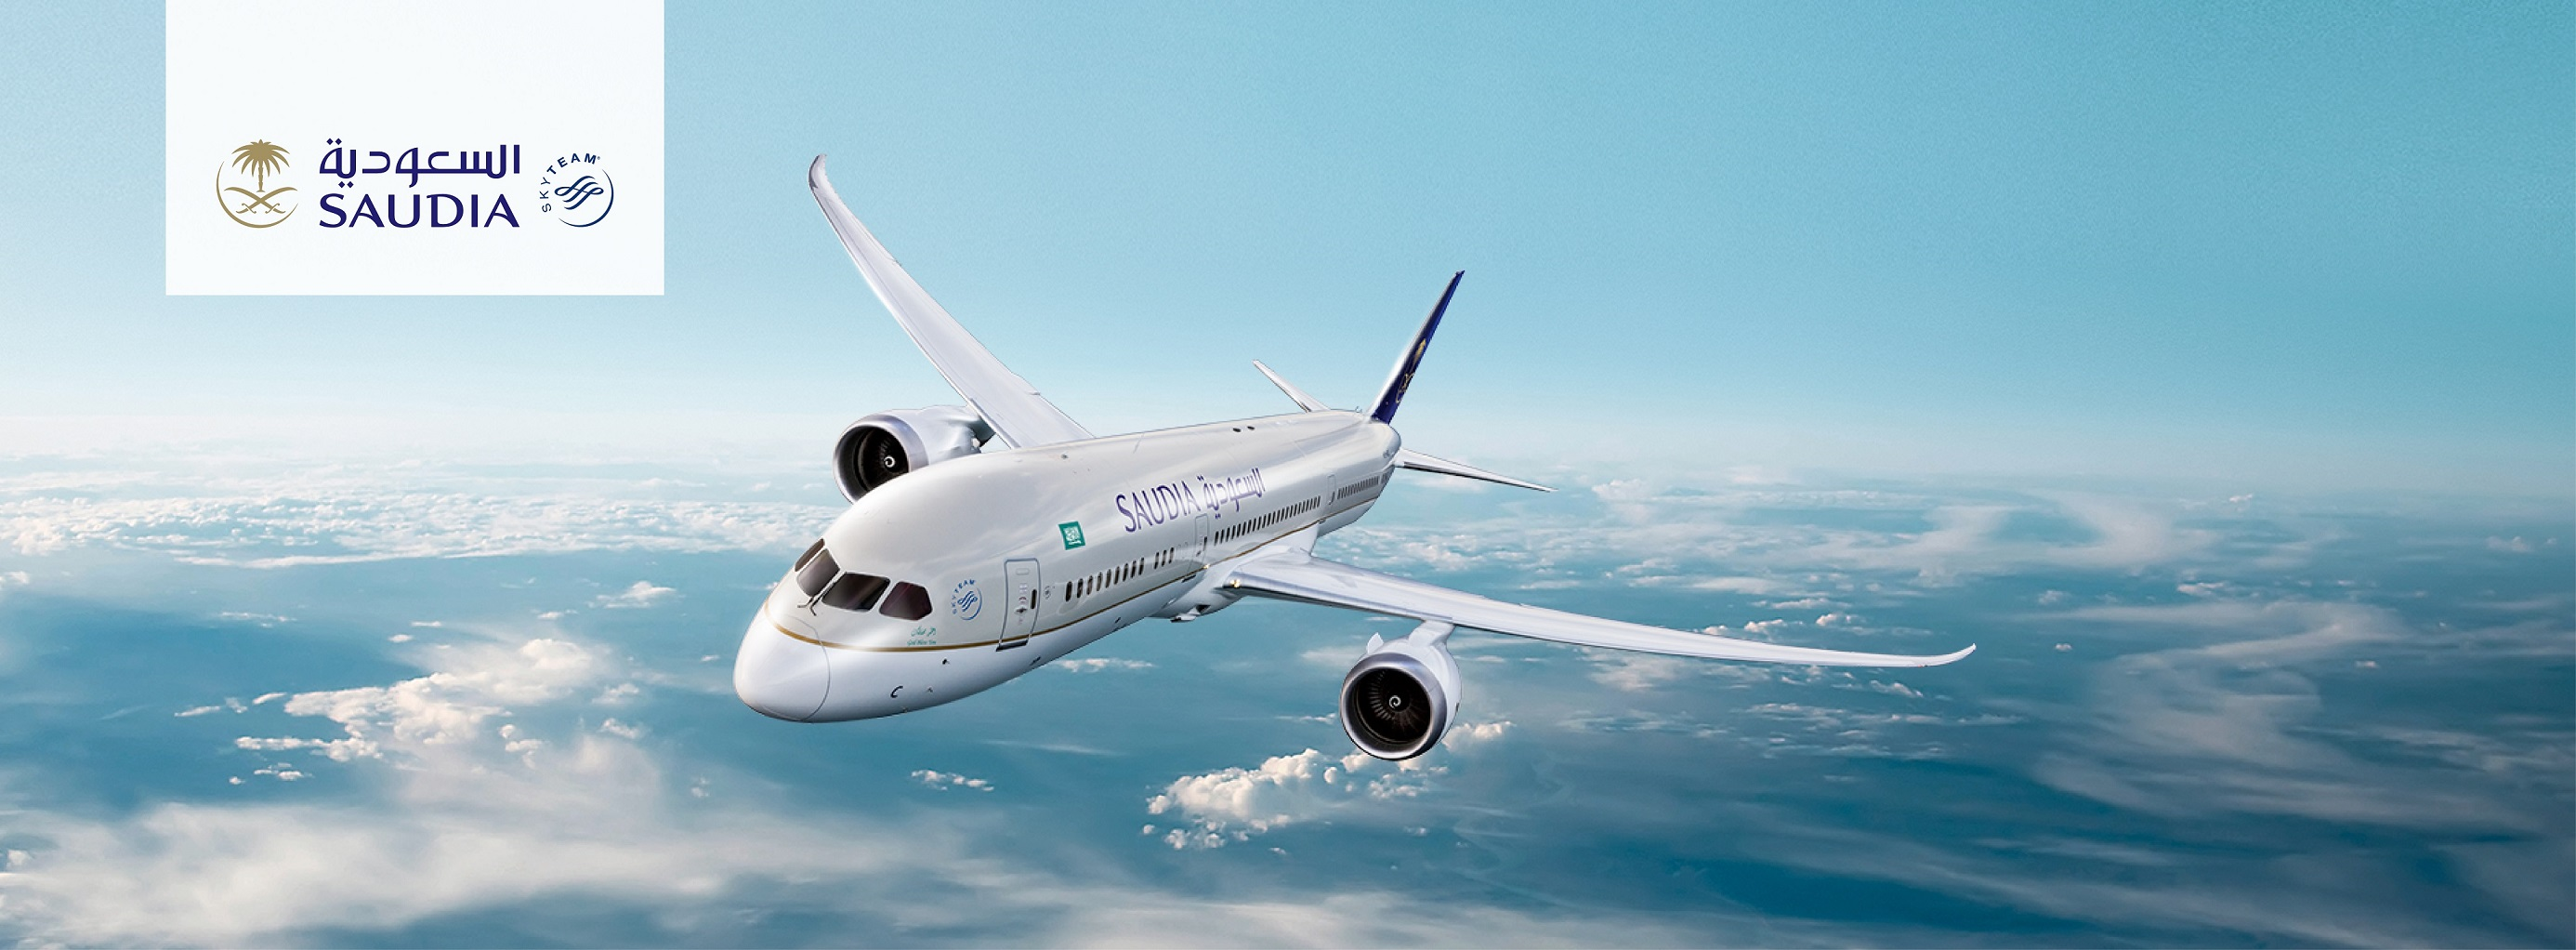 Aerolínea saudí tiene listos 7 aviones para recoger a los peregrinos cataríes en Doha